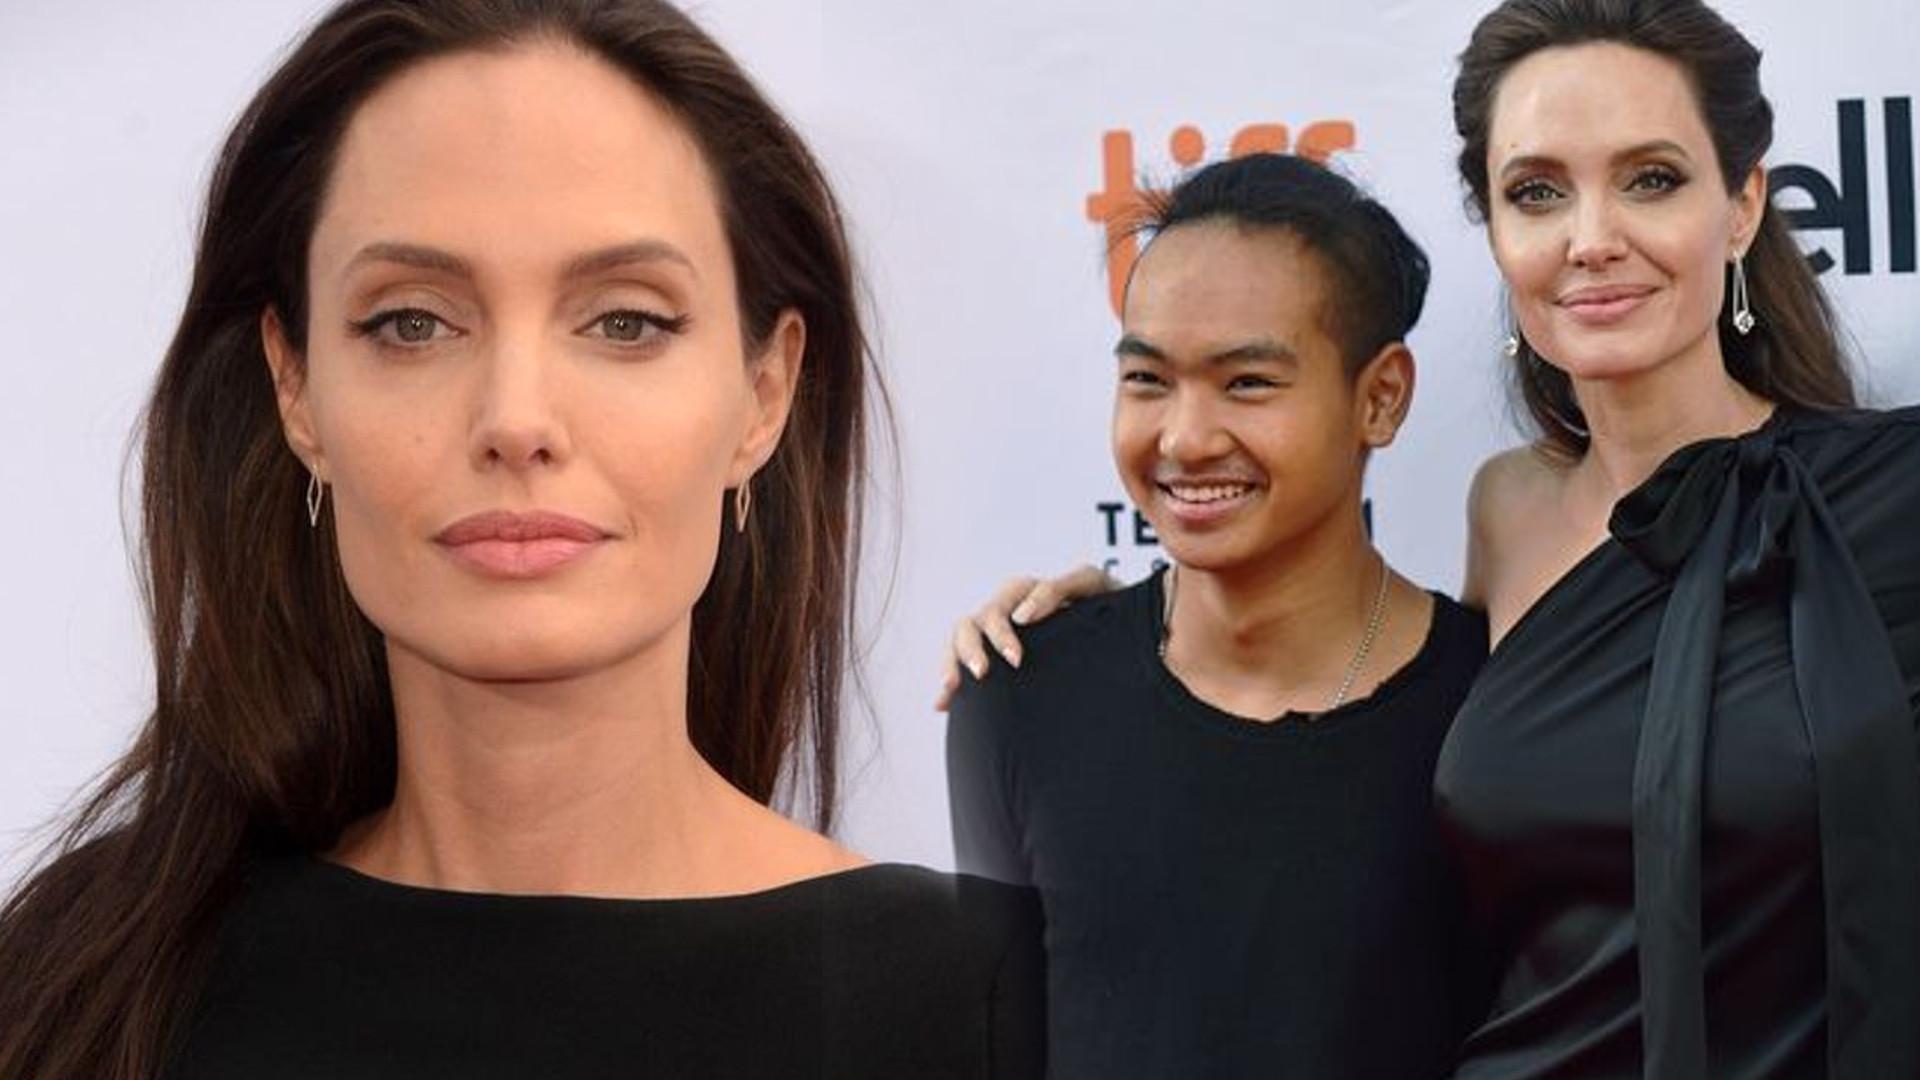 Relacja Angeliny Jolie i Maddoxa BARDZO się zmieniła